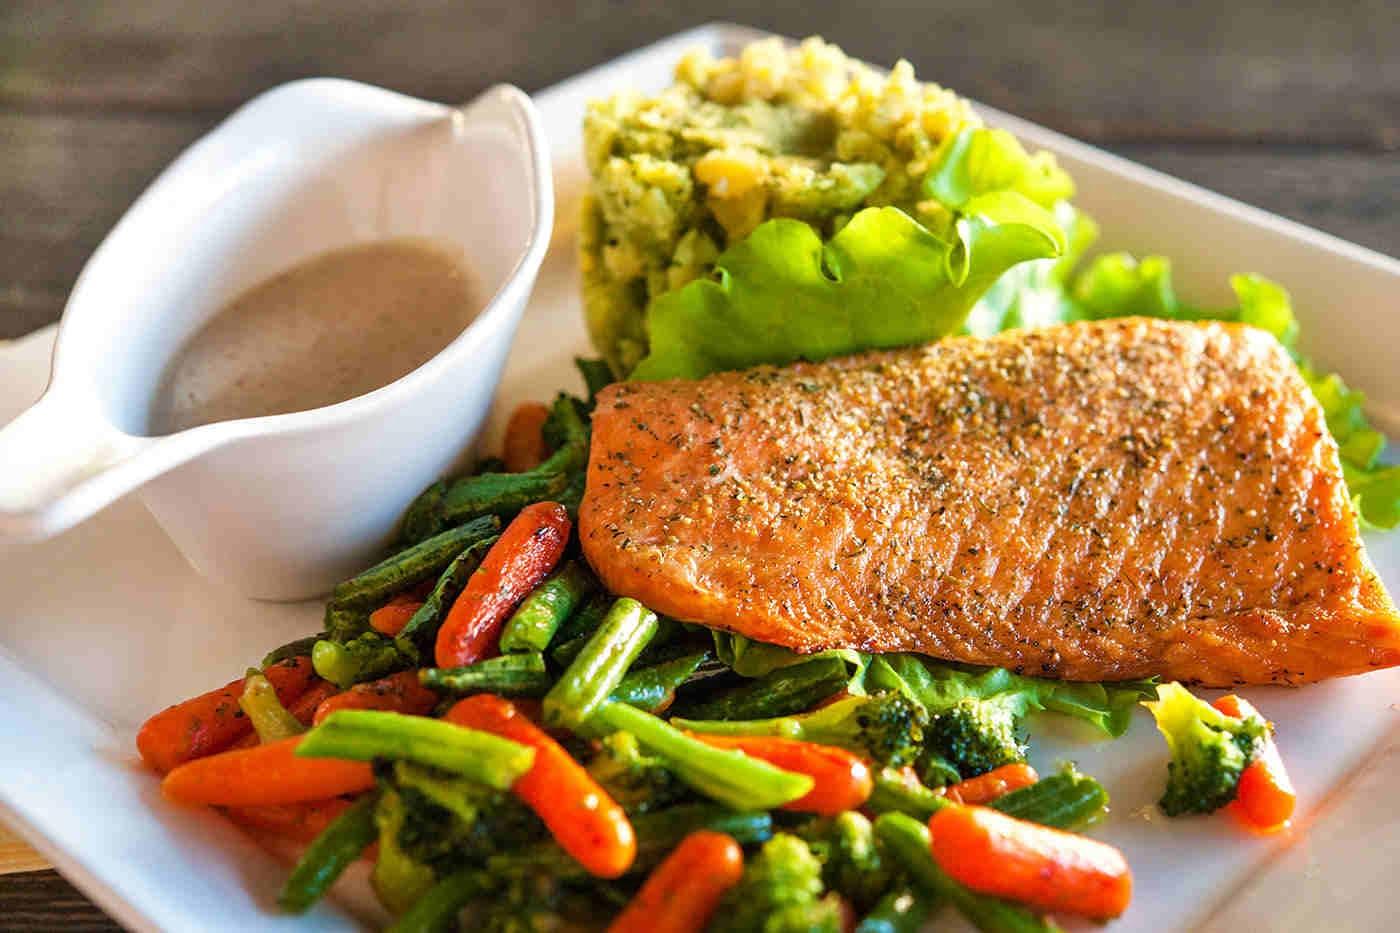 Dieta în 2020: ce regimuri alimentare sunt mai indicate decât altele